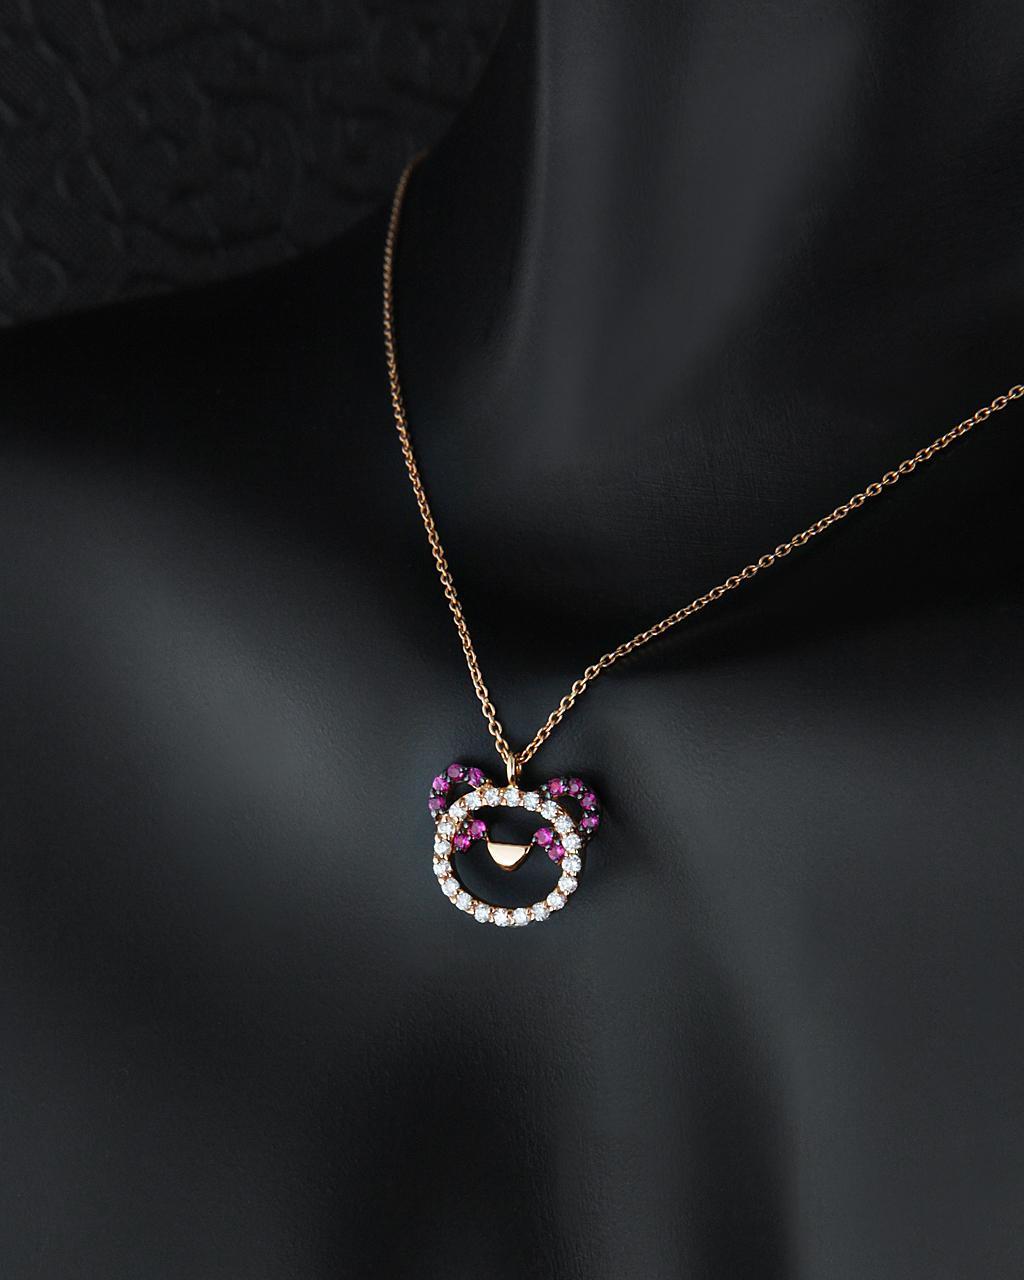 Κολιέ ροζ χρυσό Κ18 με Διαμάντια και Ρουμπίνια   γυναικα κρεμαστά κολιέ κρεμαστά κολιέ ροζ χρυσό